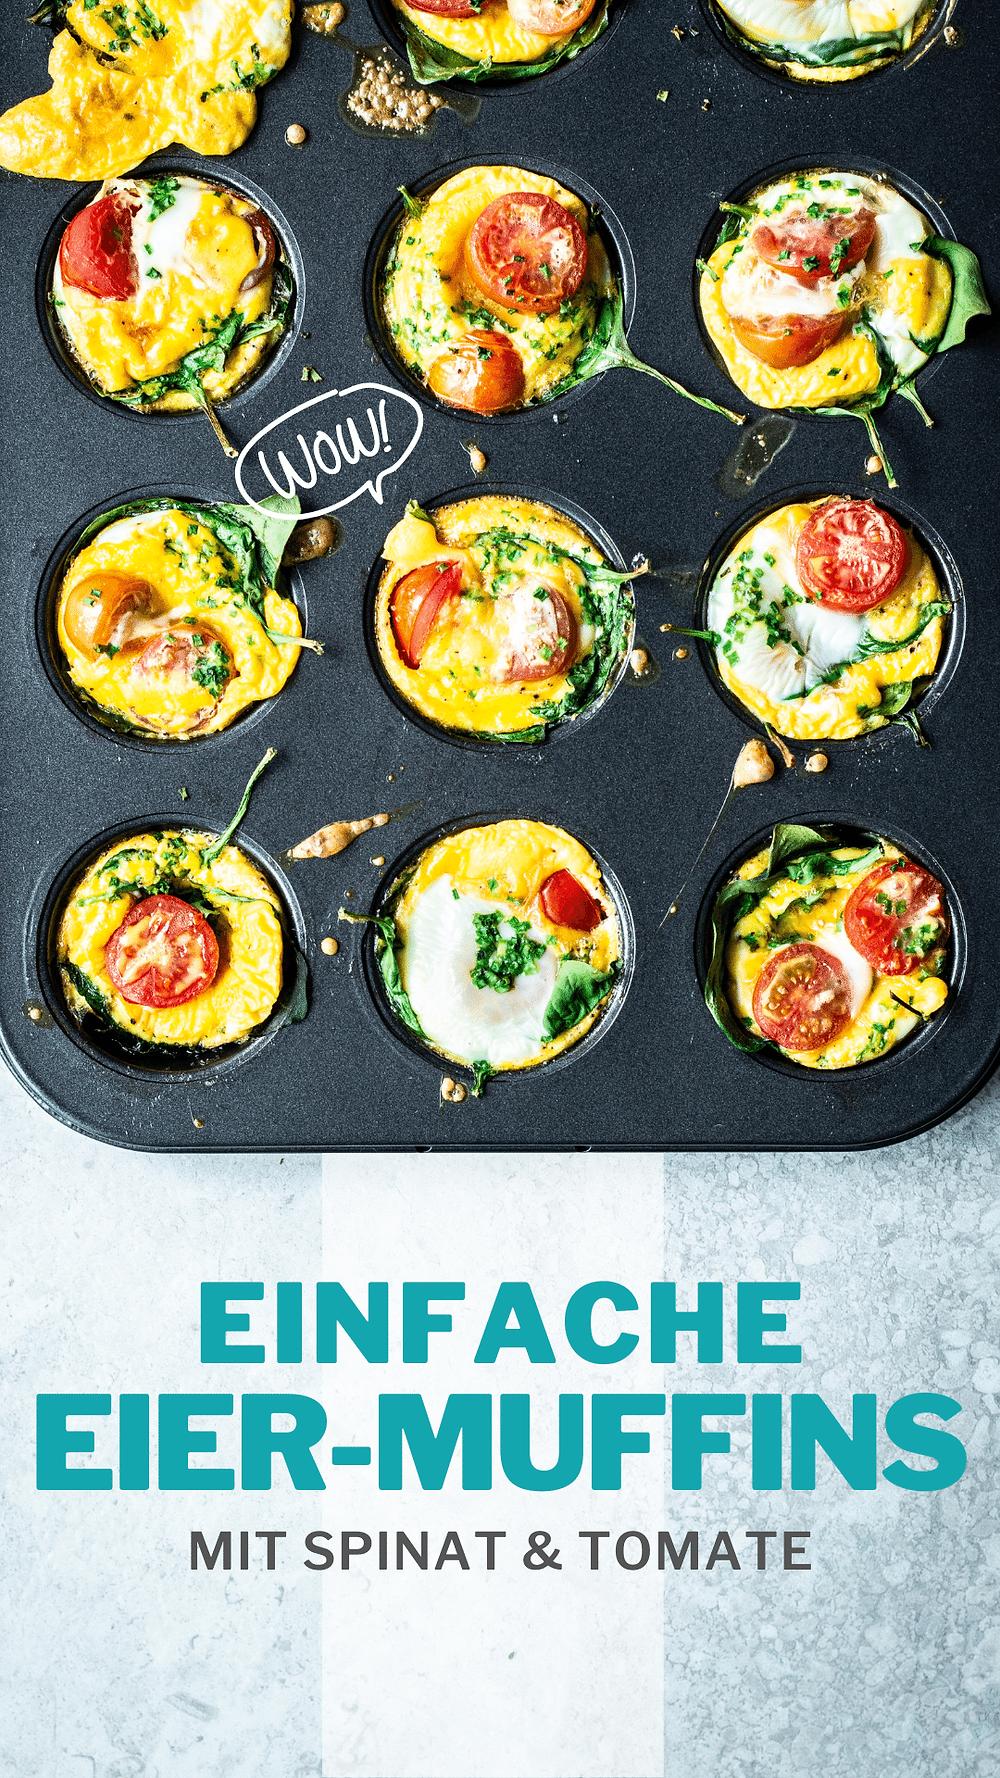 Dieses einfache und super schnelle Eierrezept für Eier Muffins aus dem Ofen sind perfekt für deinen Brunch oder Sonntagsfrühstück. Mit Tomaten, Spinat und Schnittlauch schmeckt die Muffins wie das Omelette aus dem Hotel. Nur 4 Zutaten und 15 Minuten Aufwand – besser geht's nicht! MOE'S QUICK & EASY FOOD – #eierrezept #frühstücksidee #osterrezept #brunch #gesund #lowcarb